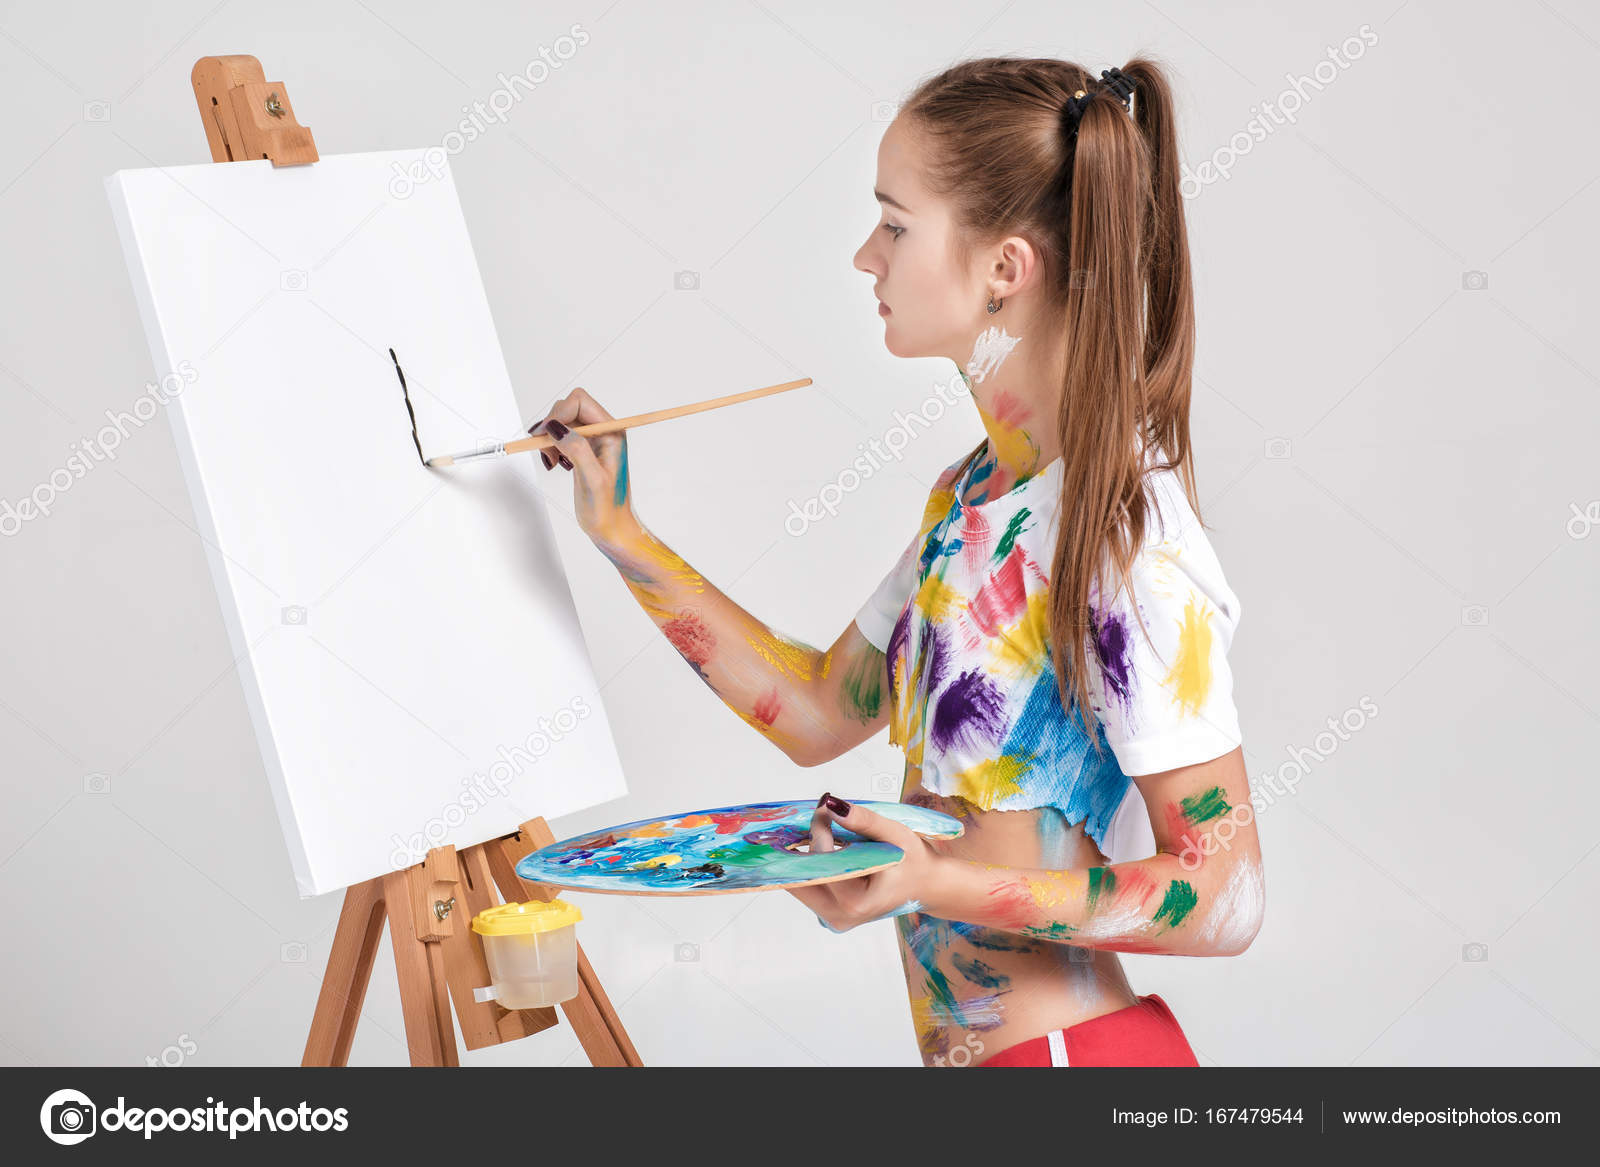 malerin die in bunte farbe beschmutzt st tzt sich auf leinwand stockfoto erstudio 167479544. Black Bedroom Furniture Sets. Home Design Ideas